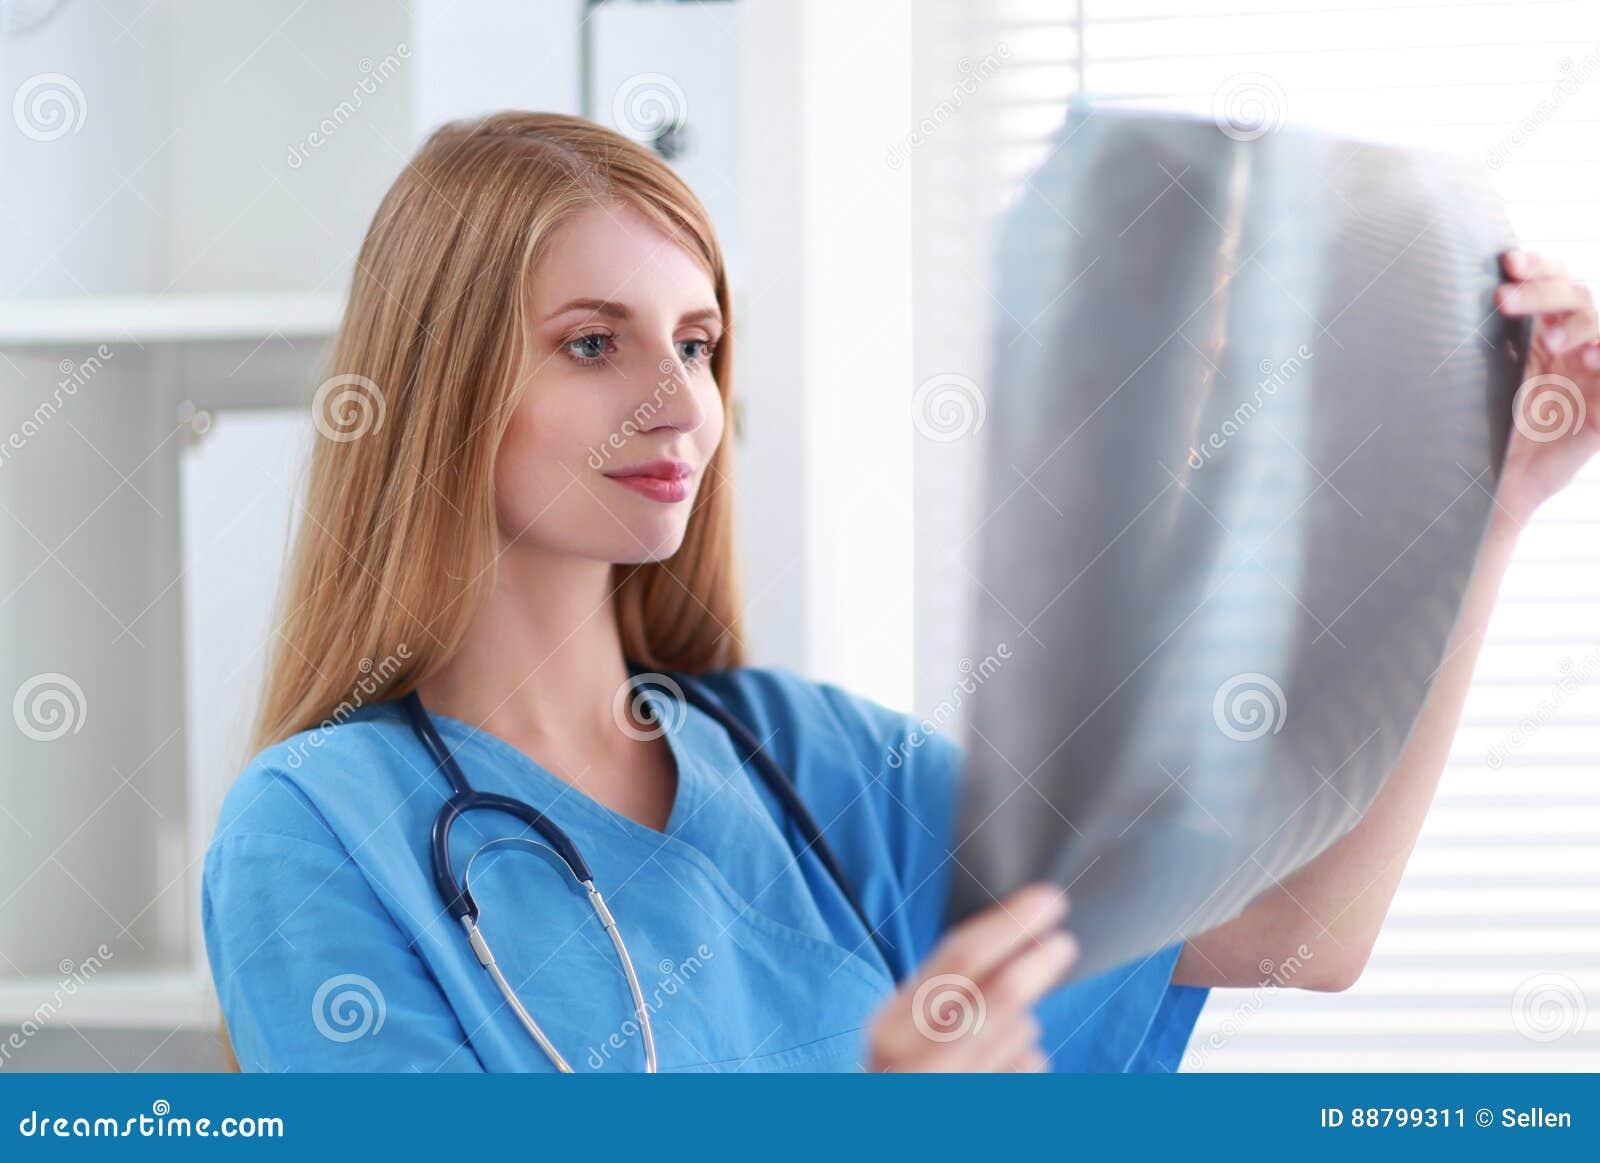 Молодой женский доктор смотря изображение рентгеновского снимка